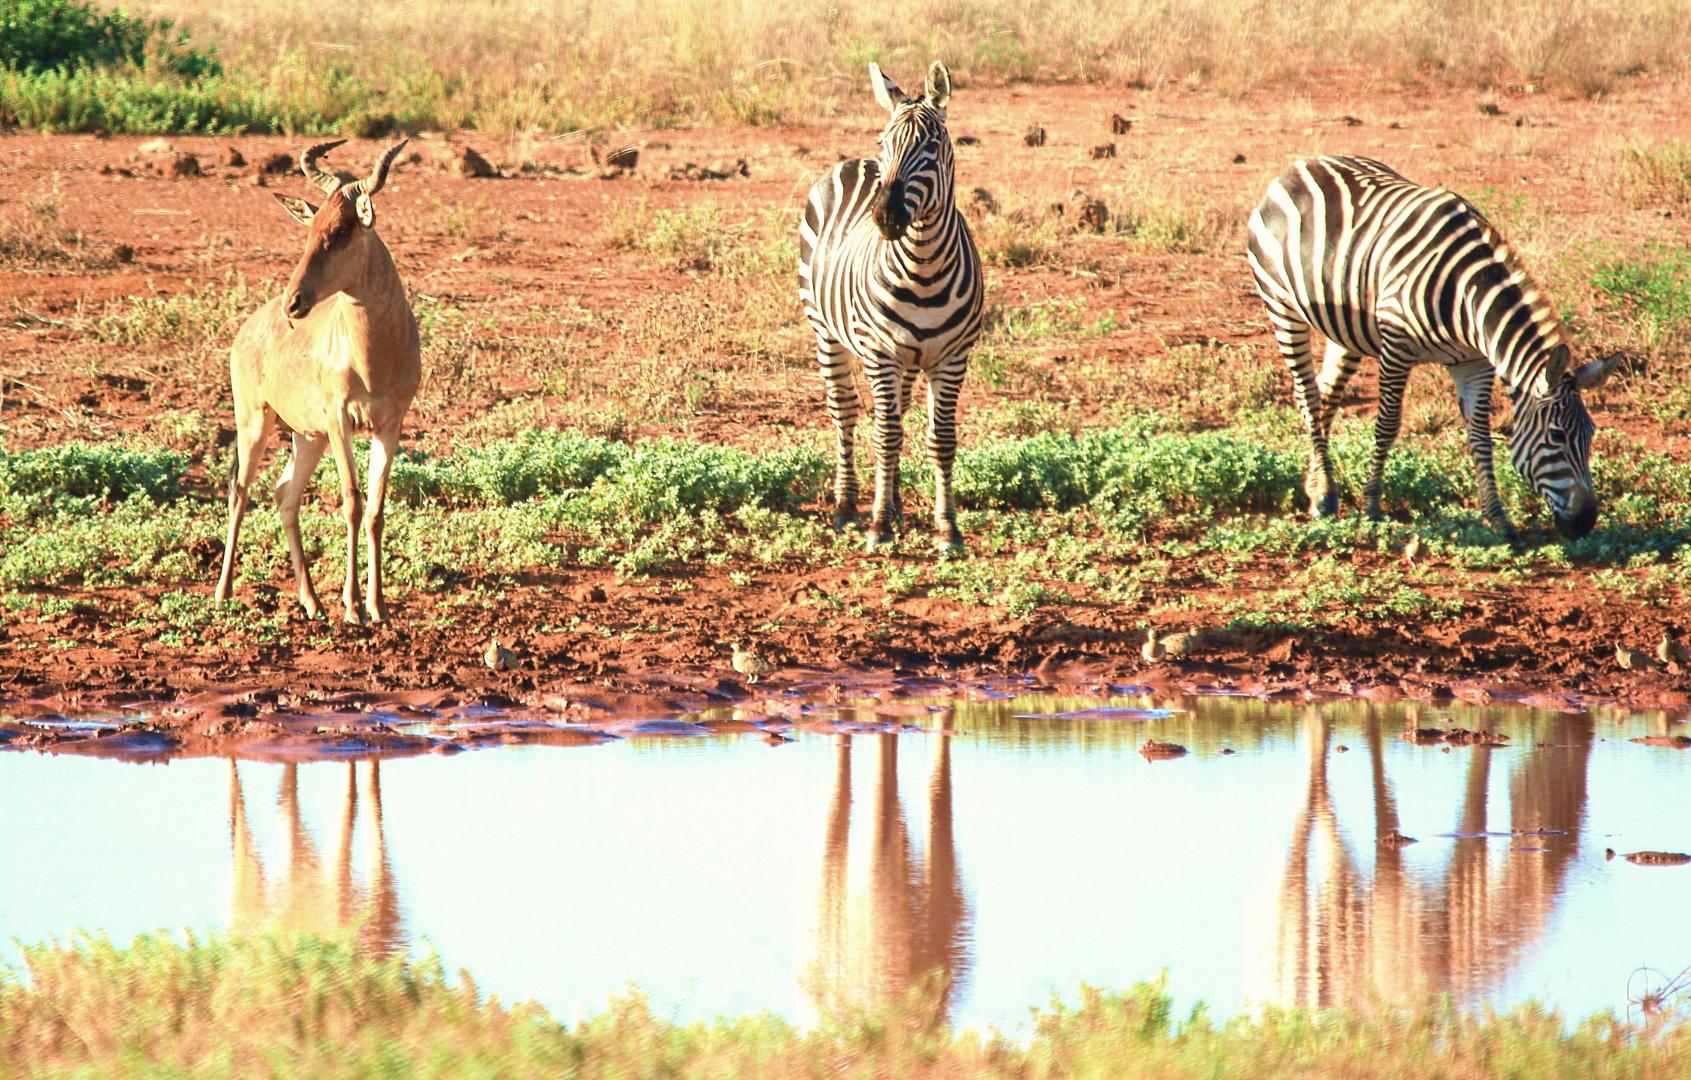 Tauben, Gnu und Zebras